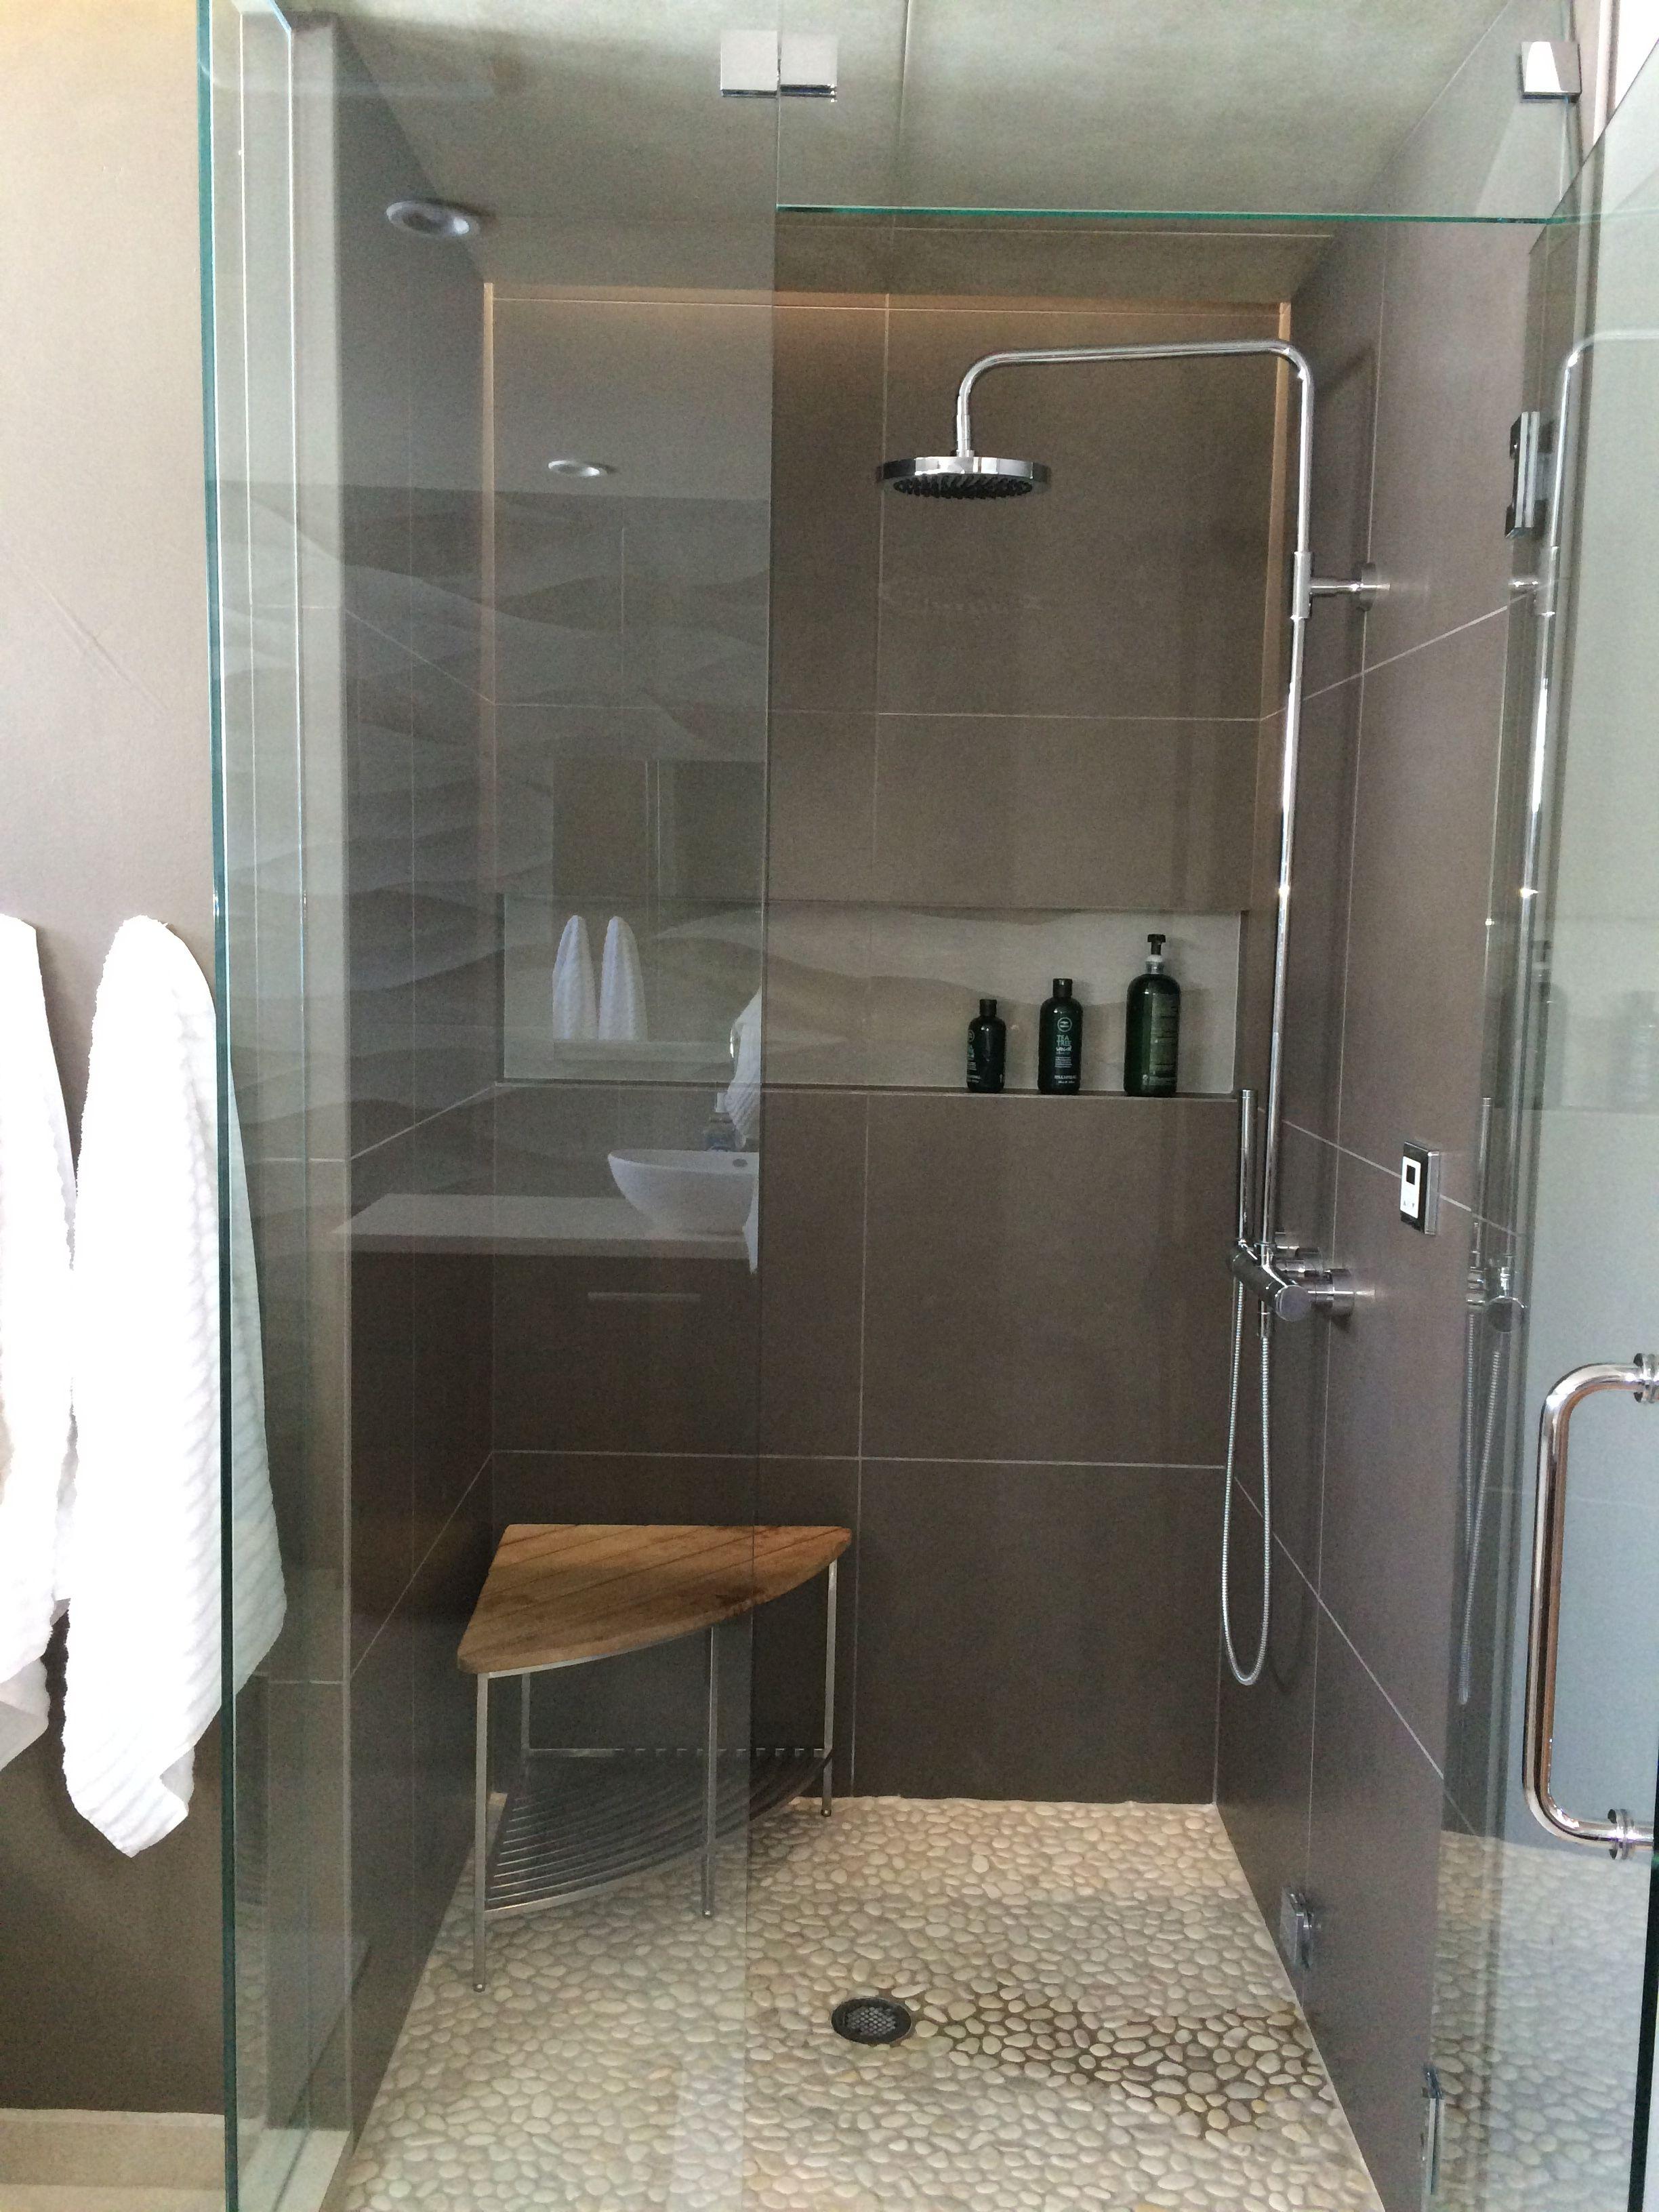 modern bathroom design for teenage boy. Steam shower with dornbracht ...